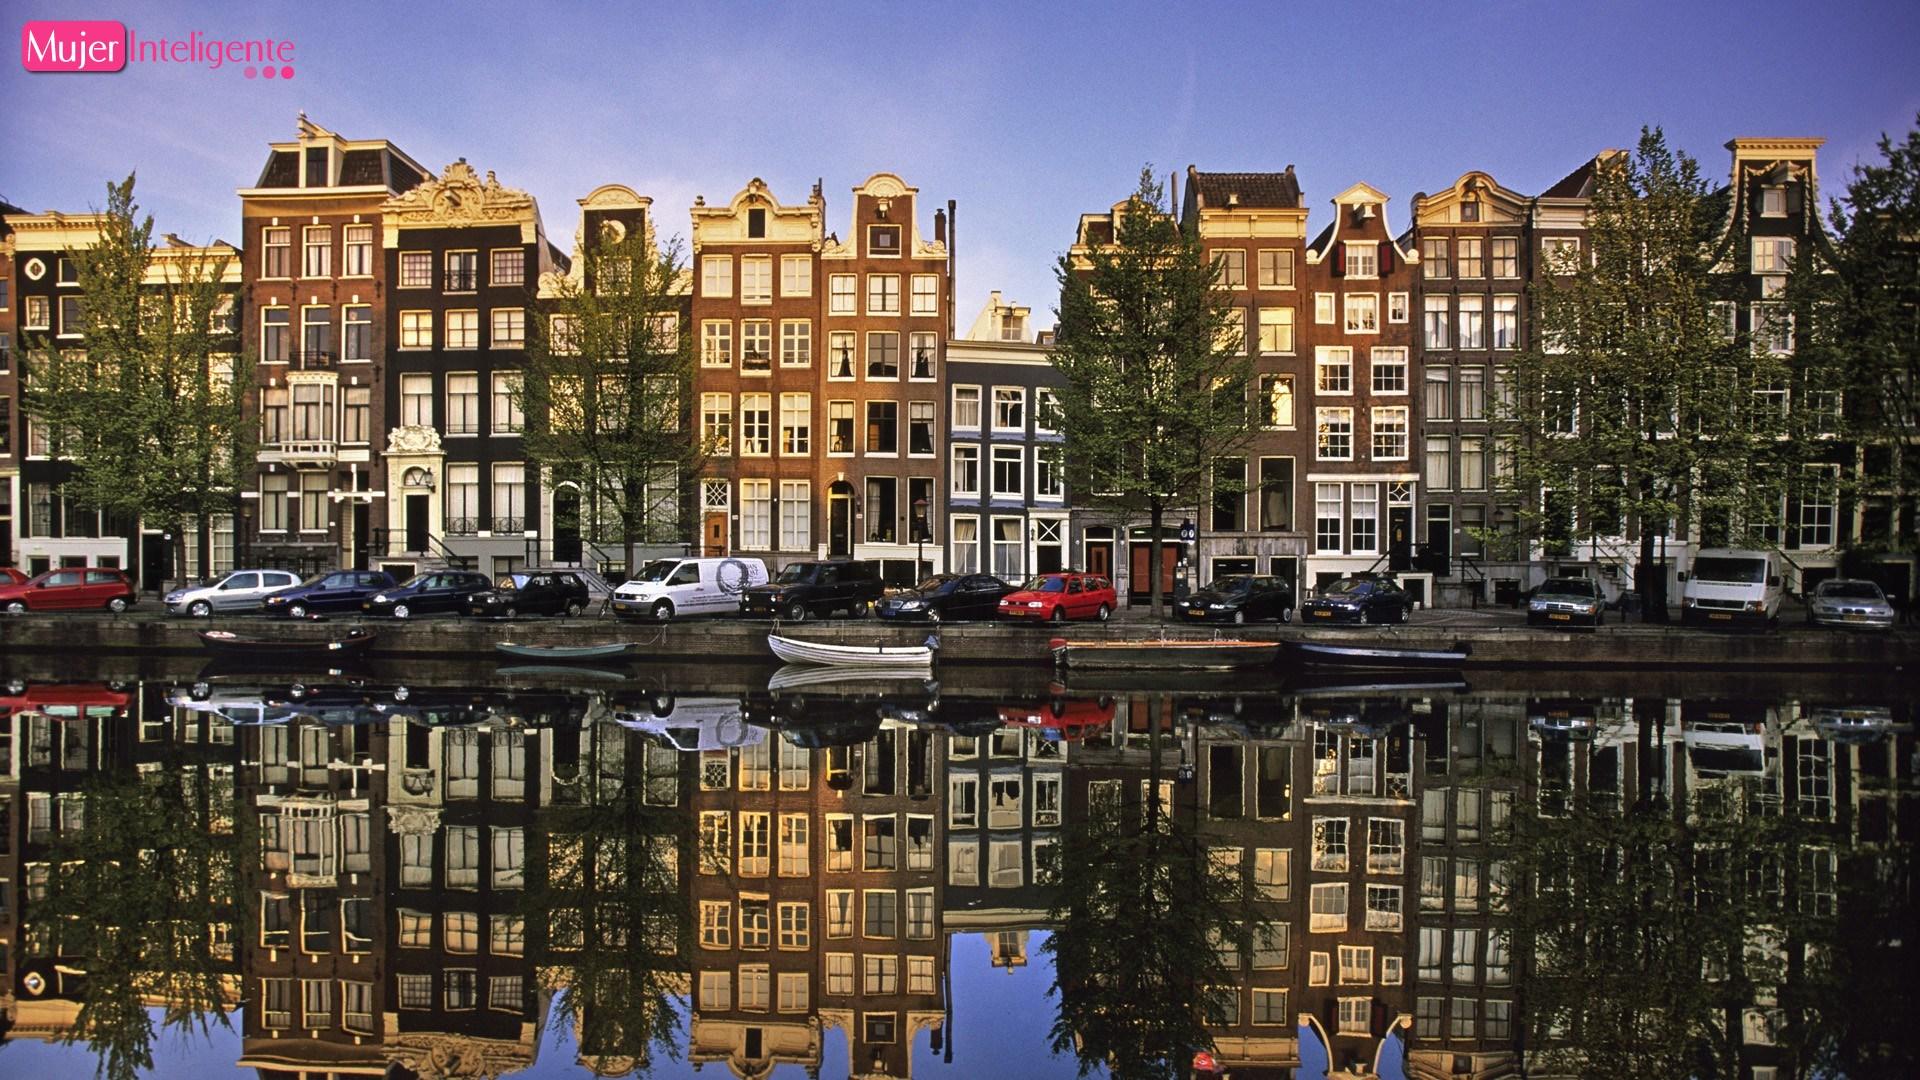 Visita Ámsterdam en un día